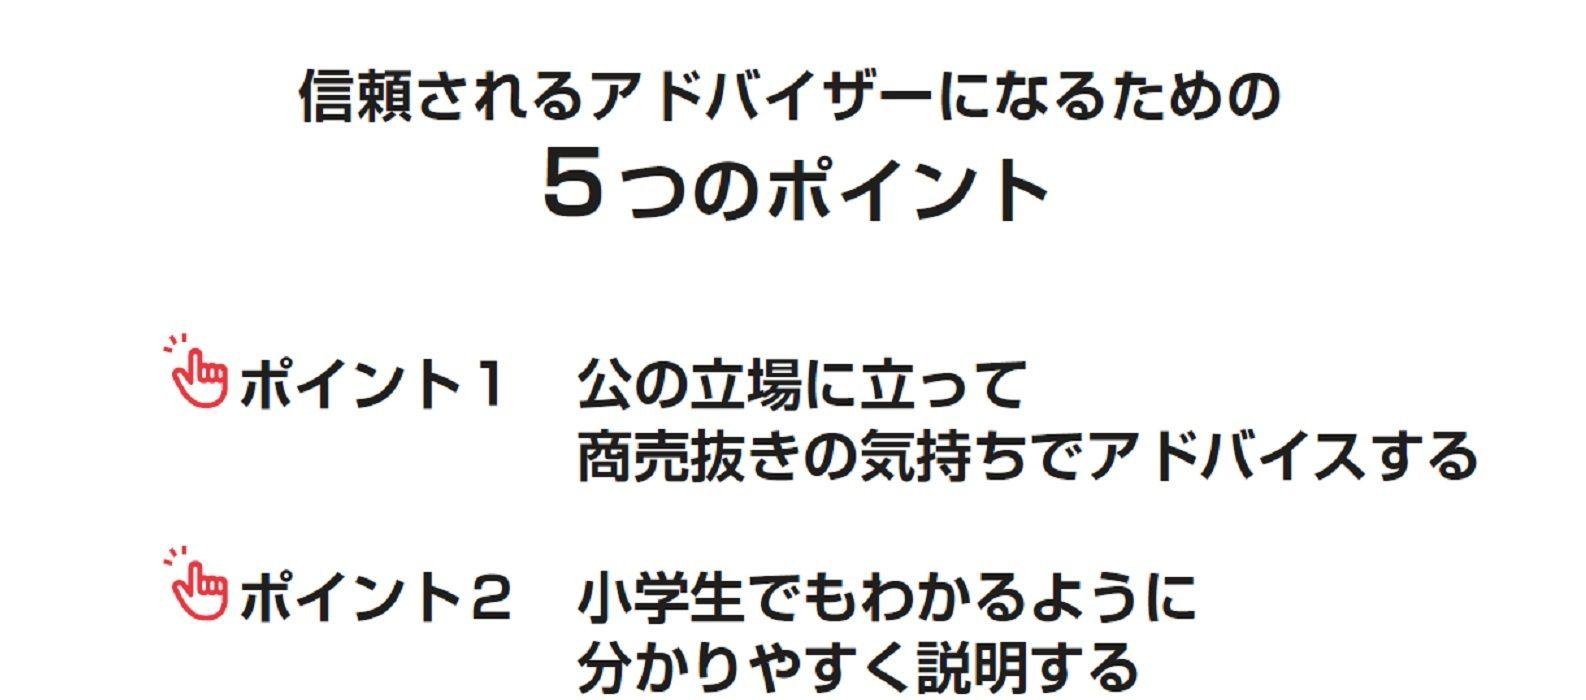 ポイント5-1